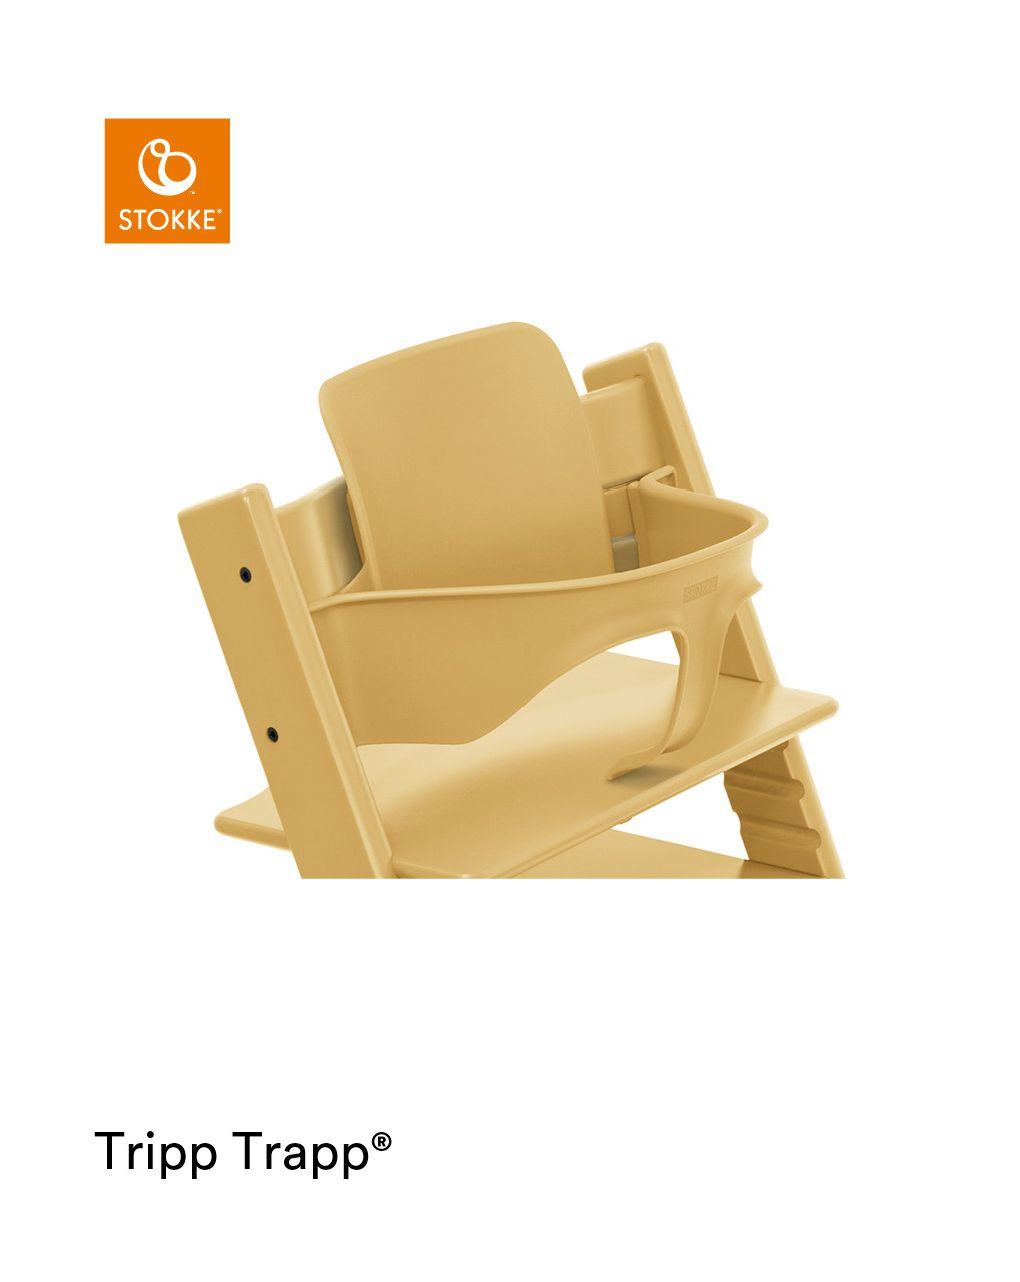 Tripp trapp® baby set trasforma la tua sedia tripp trapp® in un comodo seggiolone - Stokke